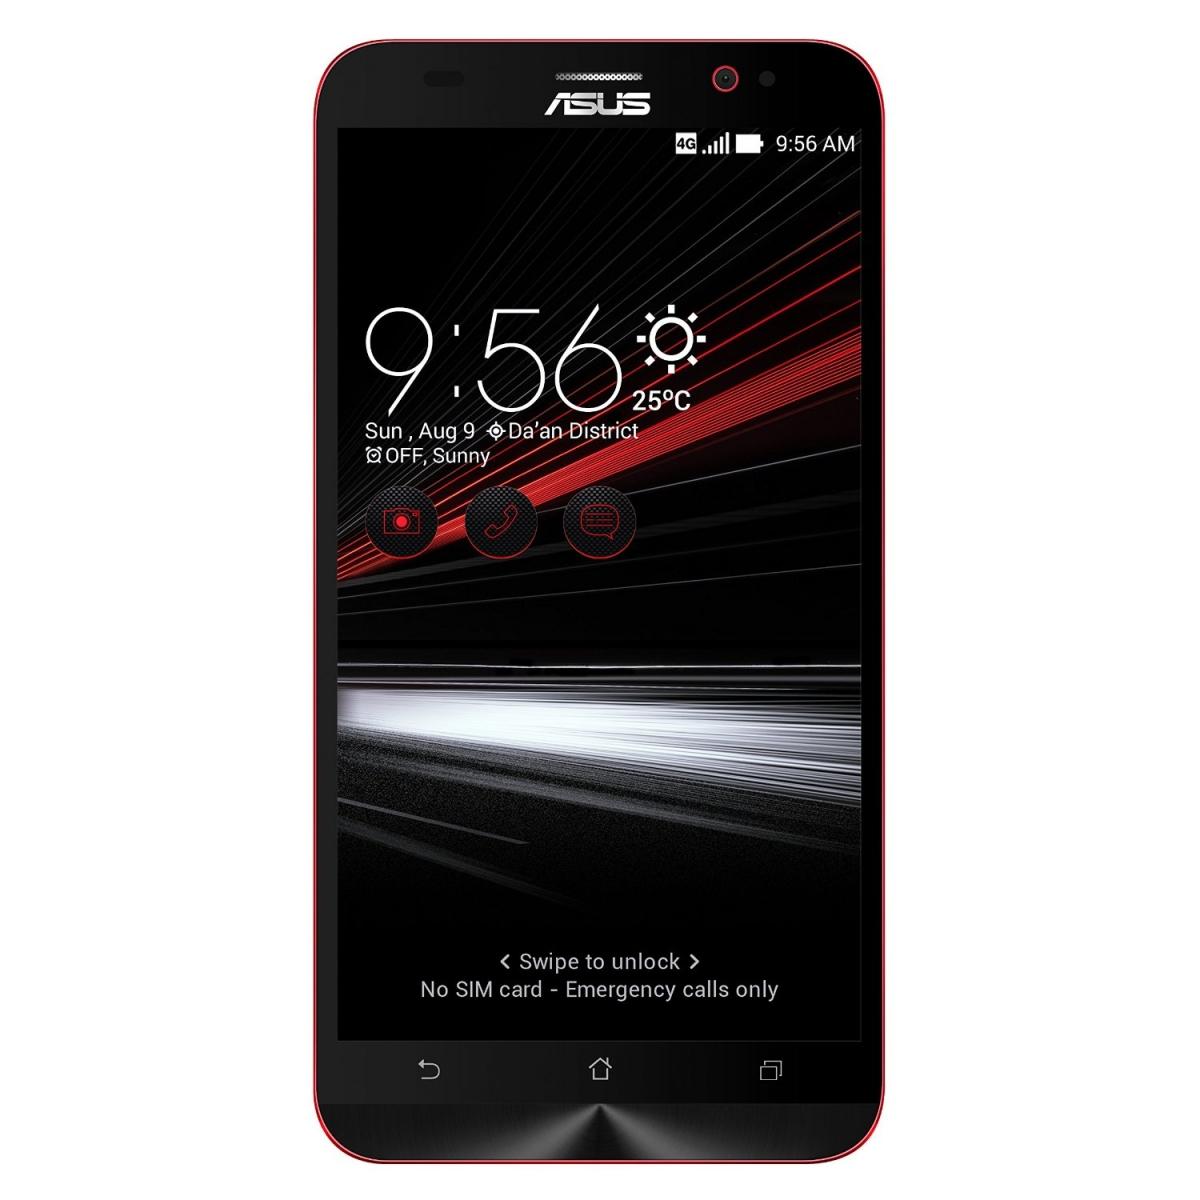 128GB Asus Zenfone 2 in US